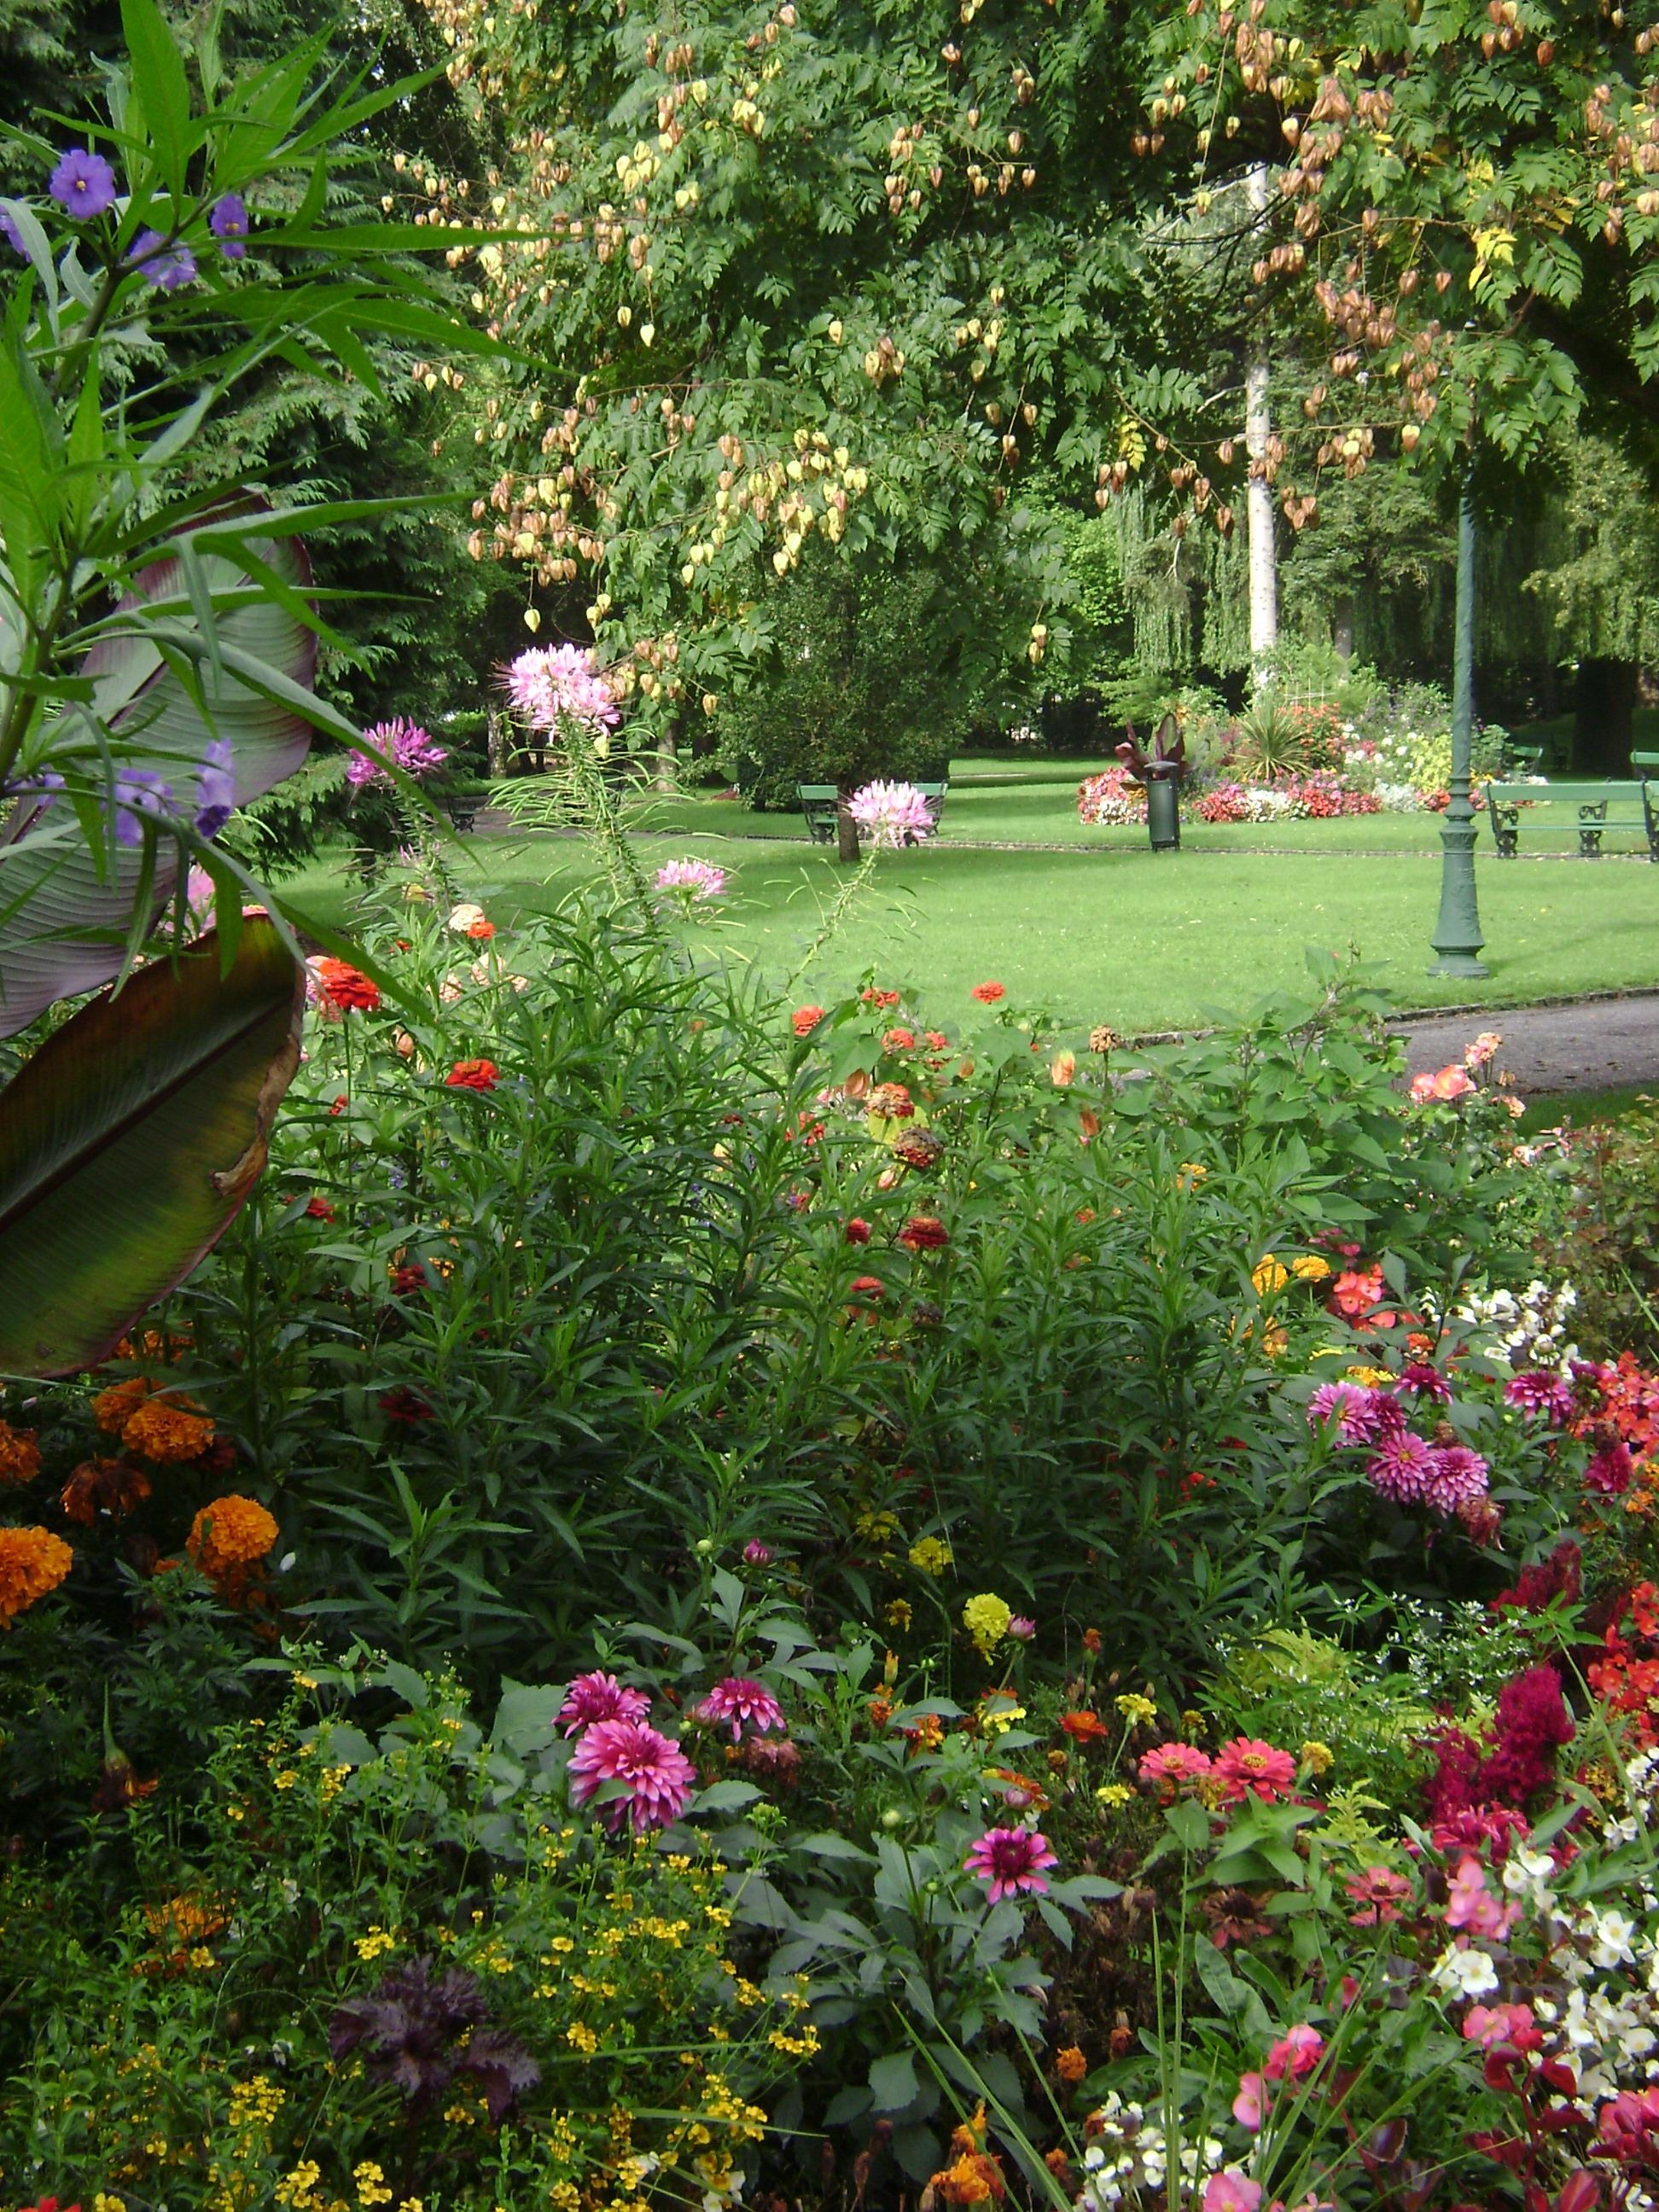 Lumi re d t sur le jardin anglais de vesoul abeilles for Image de jardin anglais